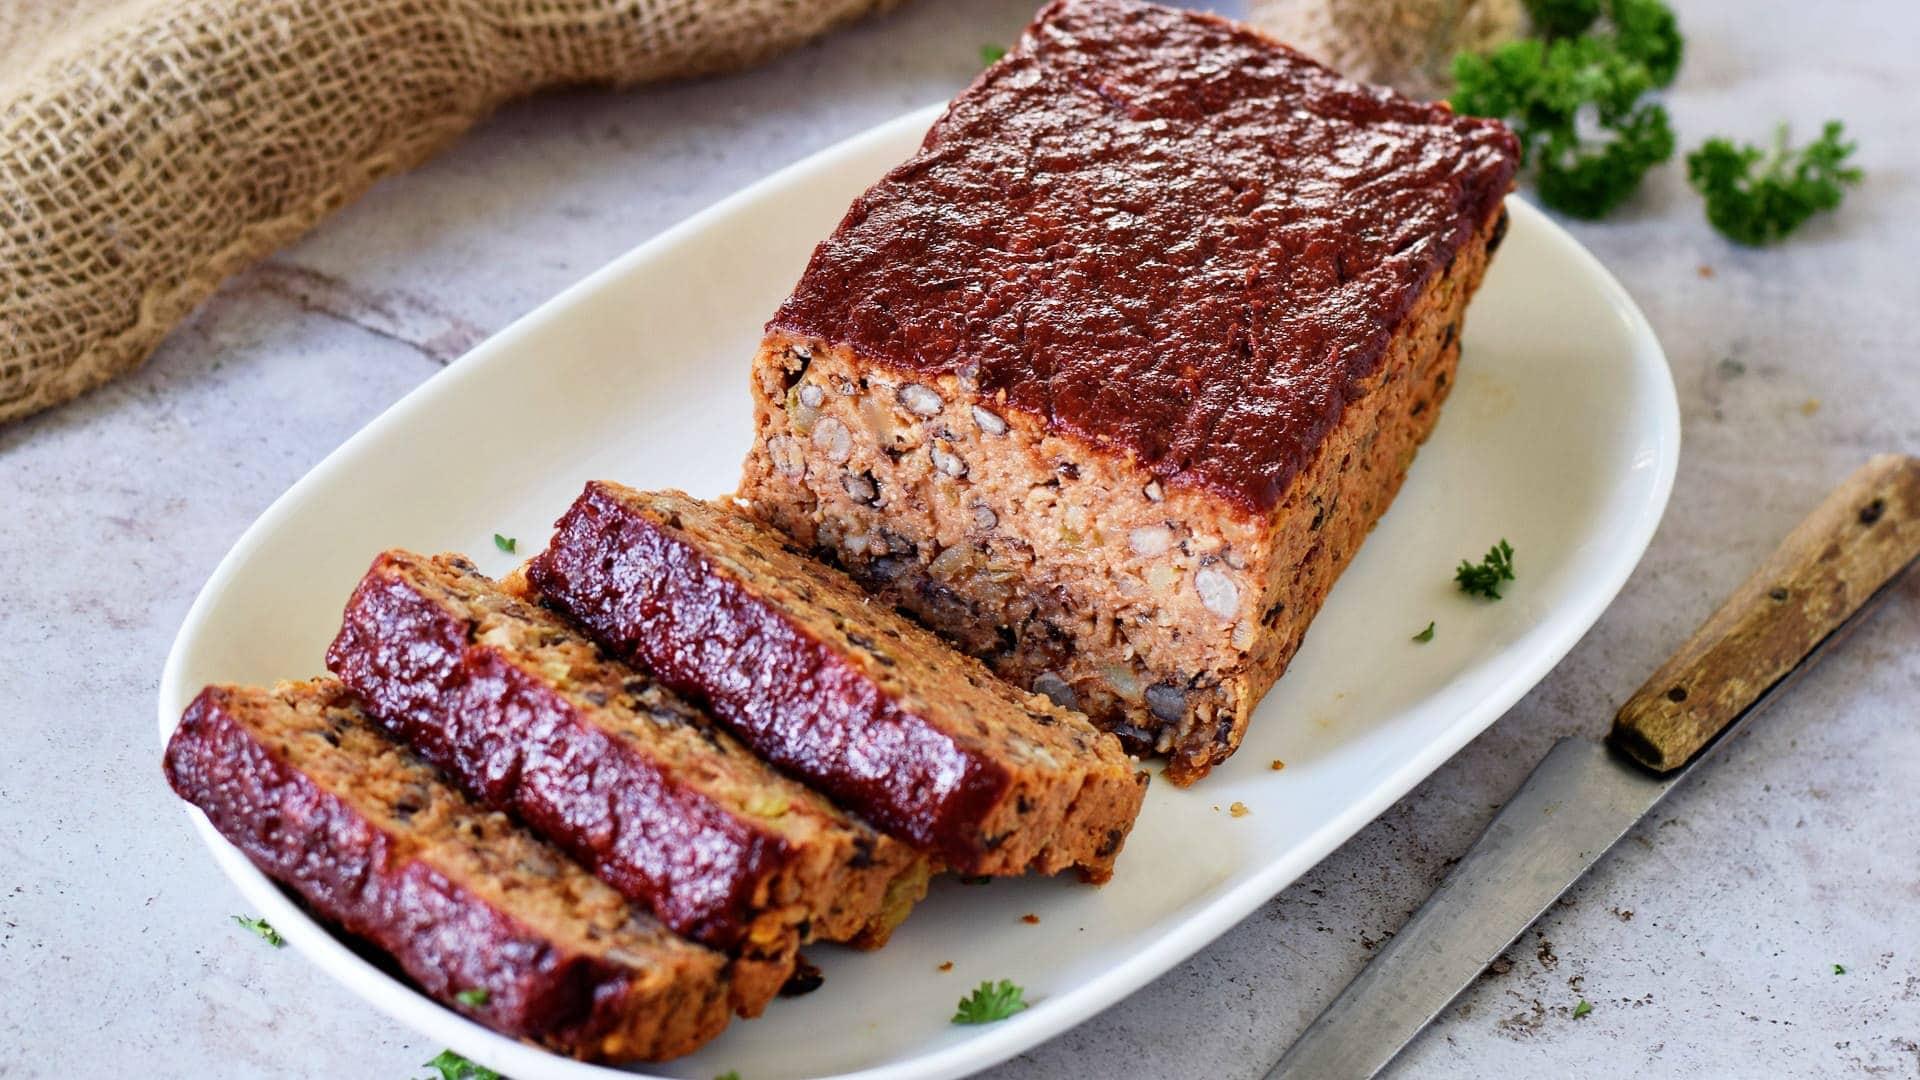 sliced vegan meatloaf on white plate